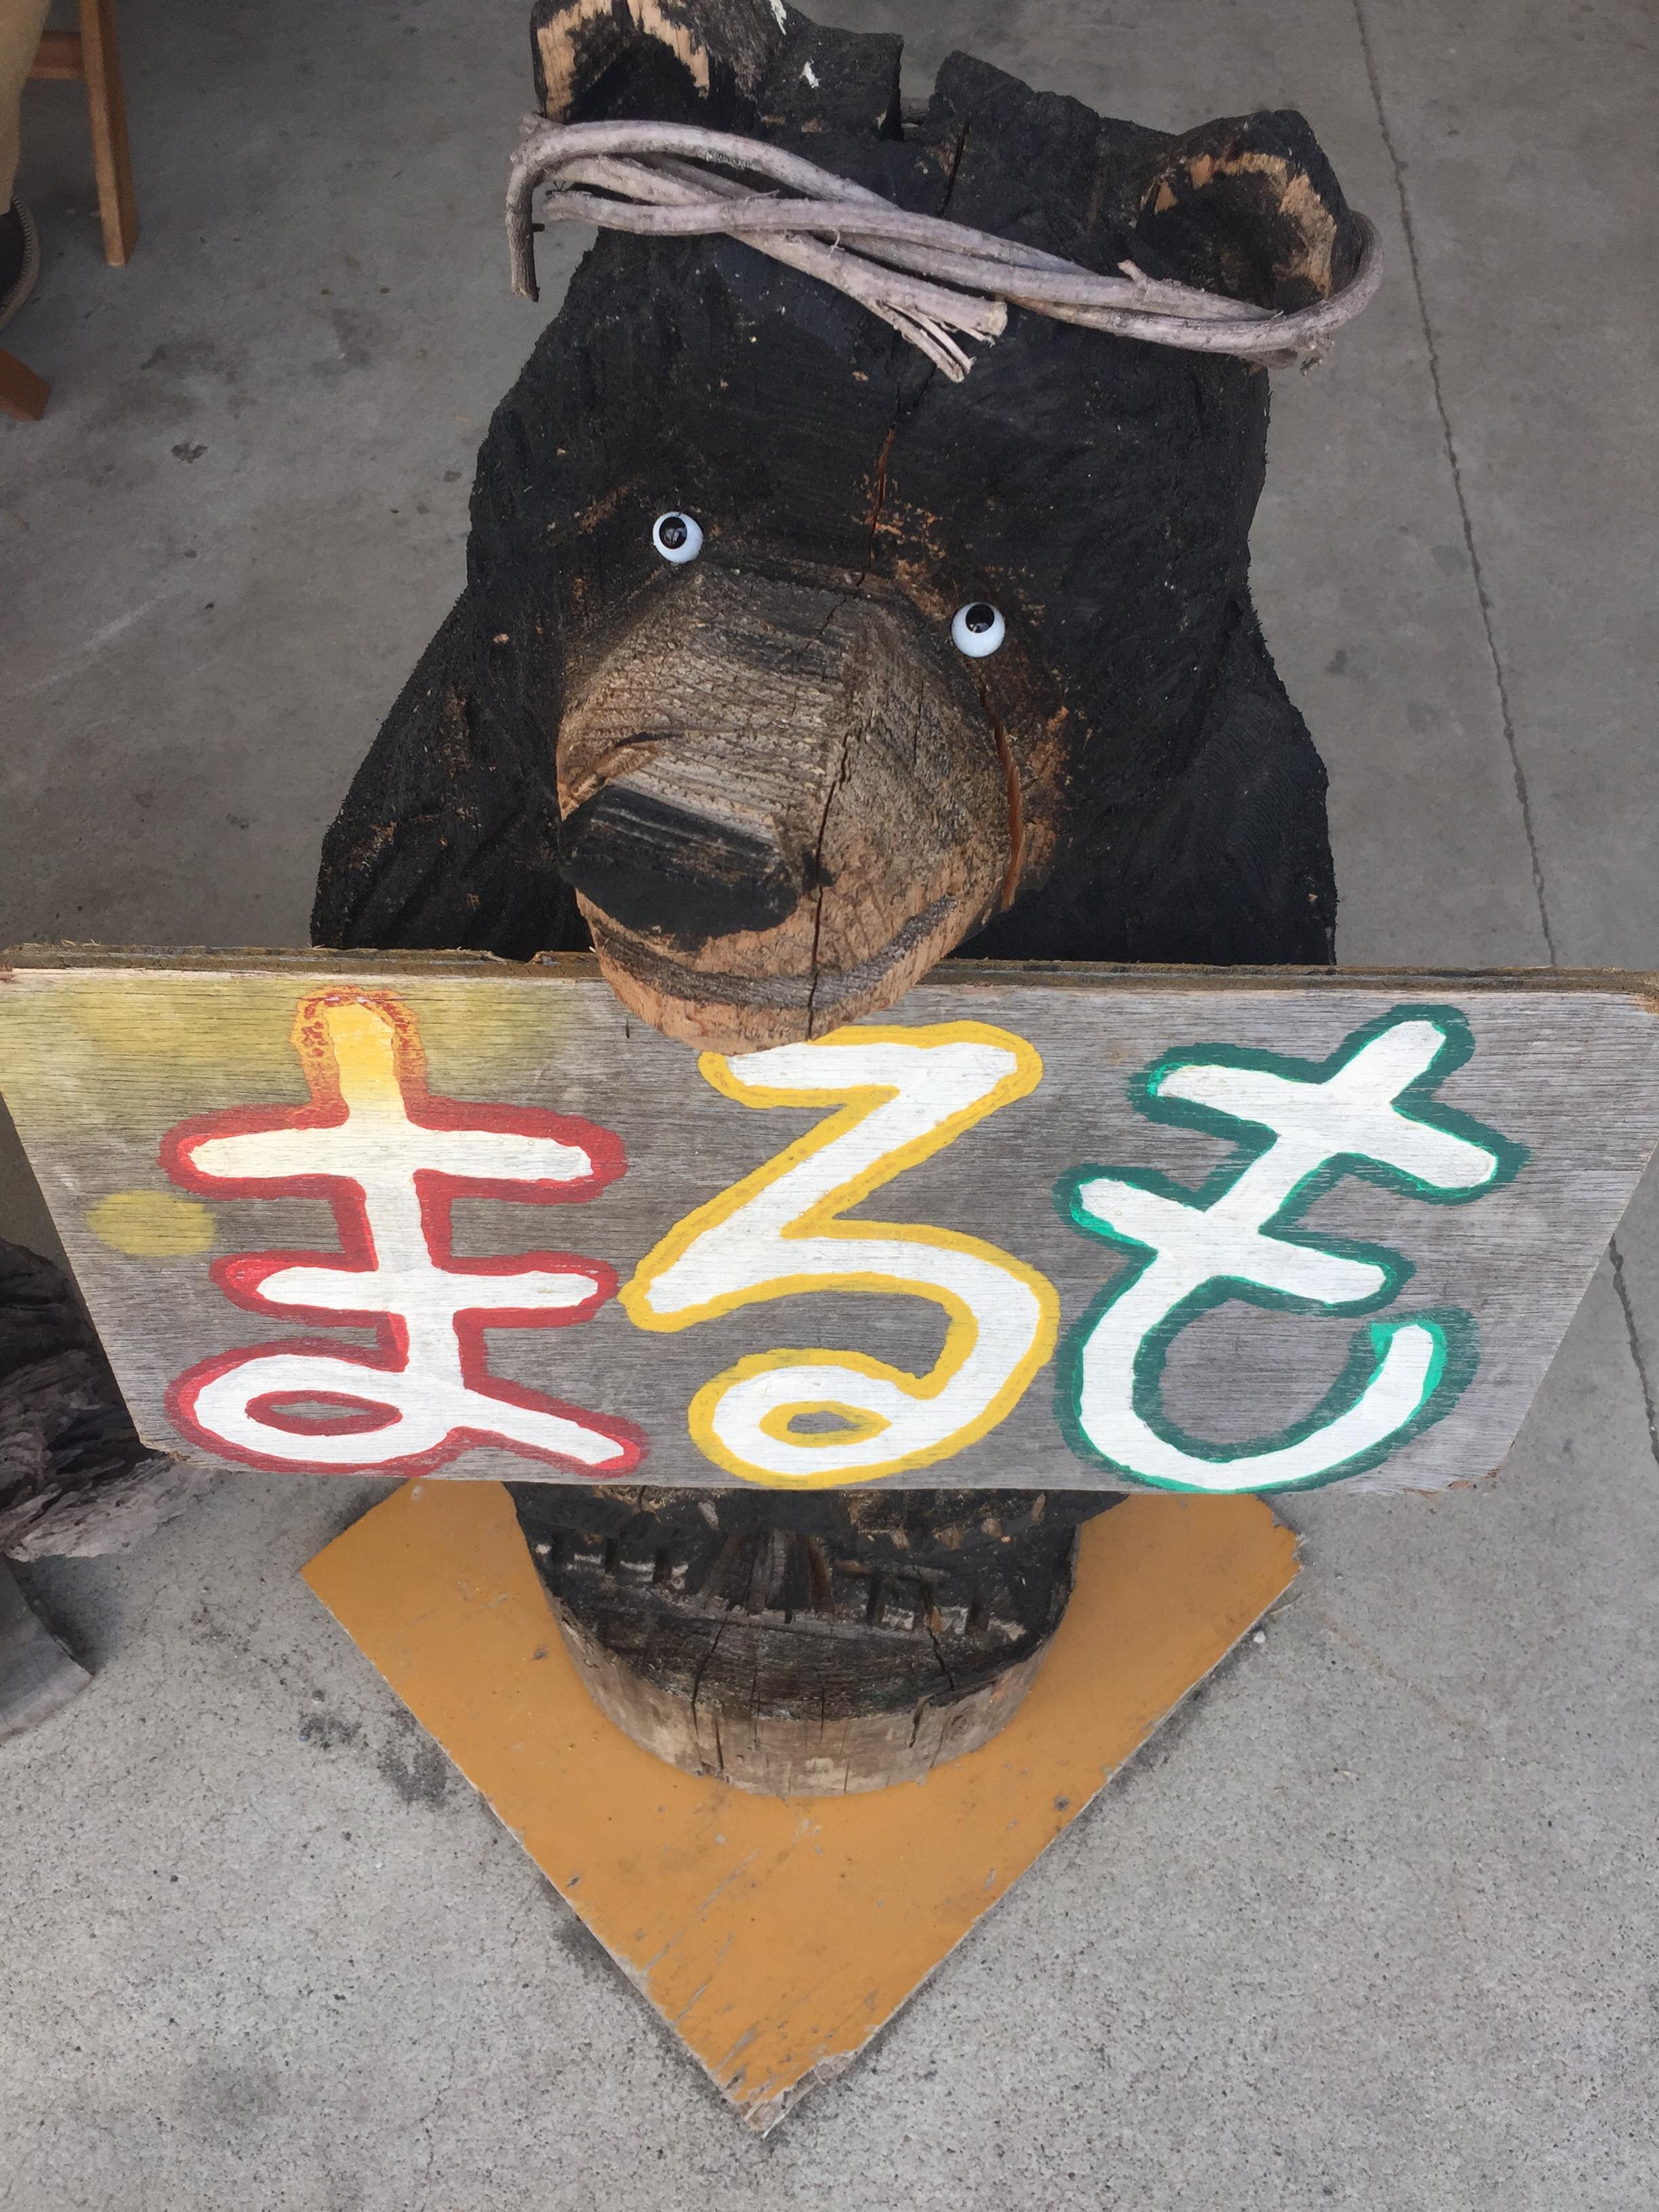 千葉県金谷にある「まるも」はただのコワーキングスペースとは全然違った。